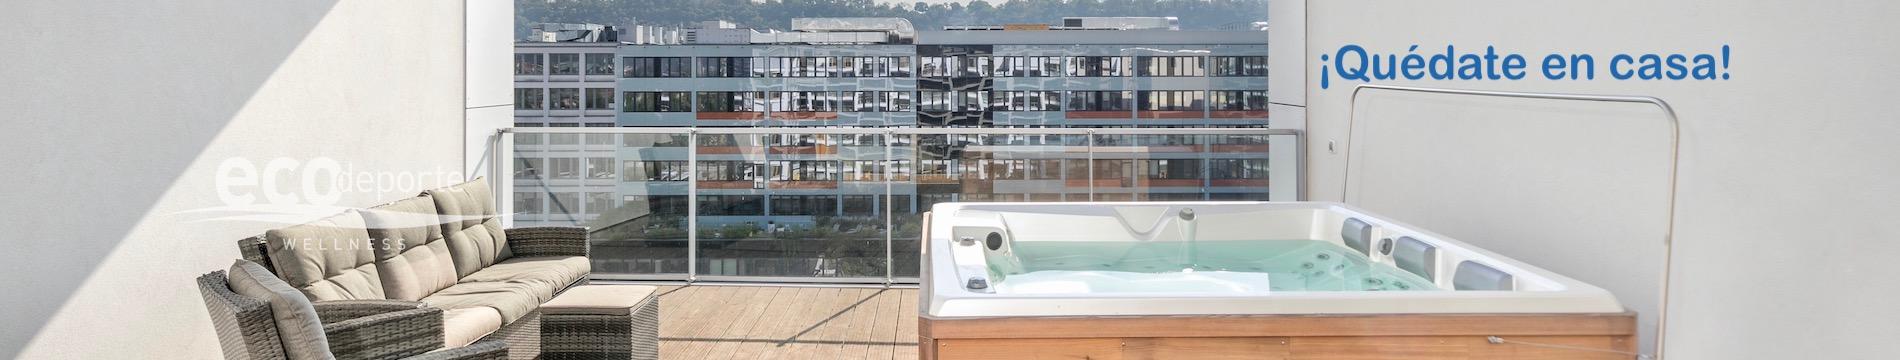 Jacuzzi Spa exterior en terraza ático con vistas a la ciudad y al bosque lejano, y cómodos sofás para relajarse.